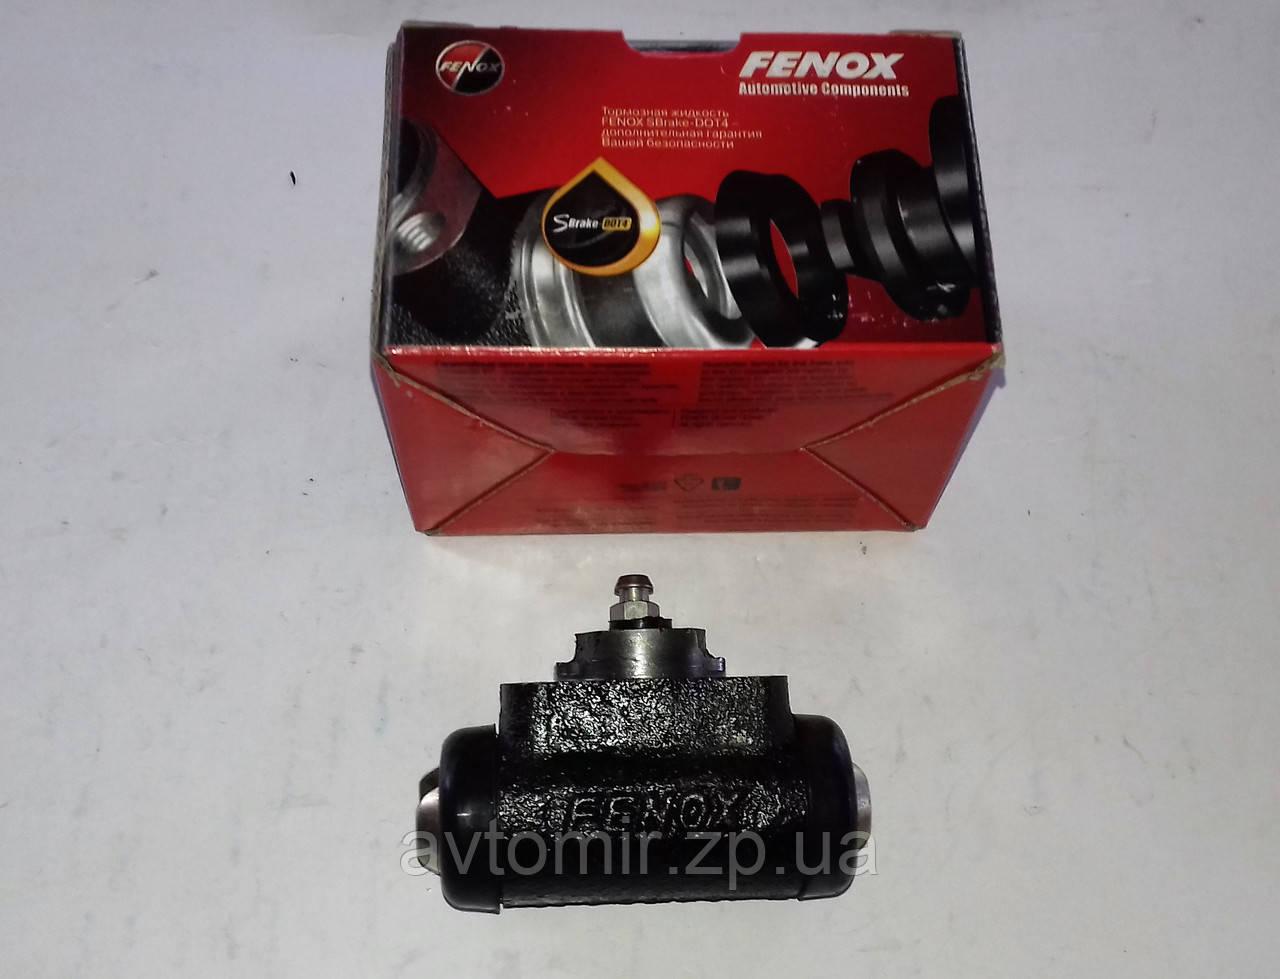 Цилиндр тормозной задний Ваз 2108-21099,2110-2112,2113-2115 Fenox